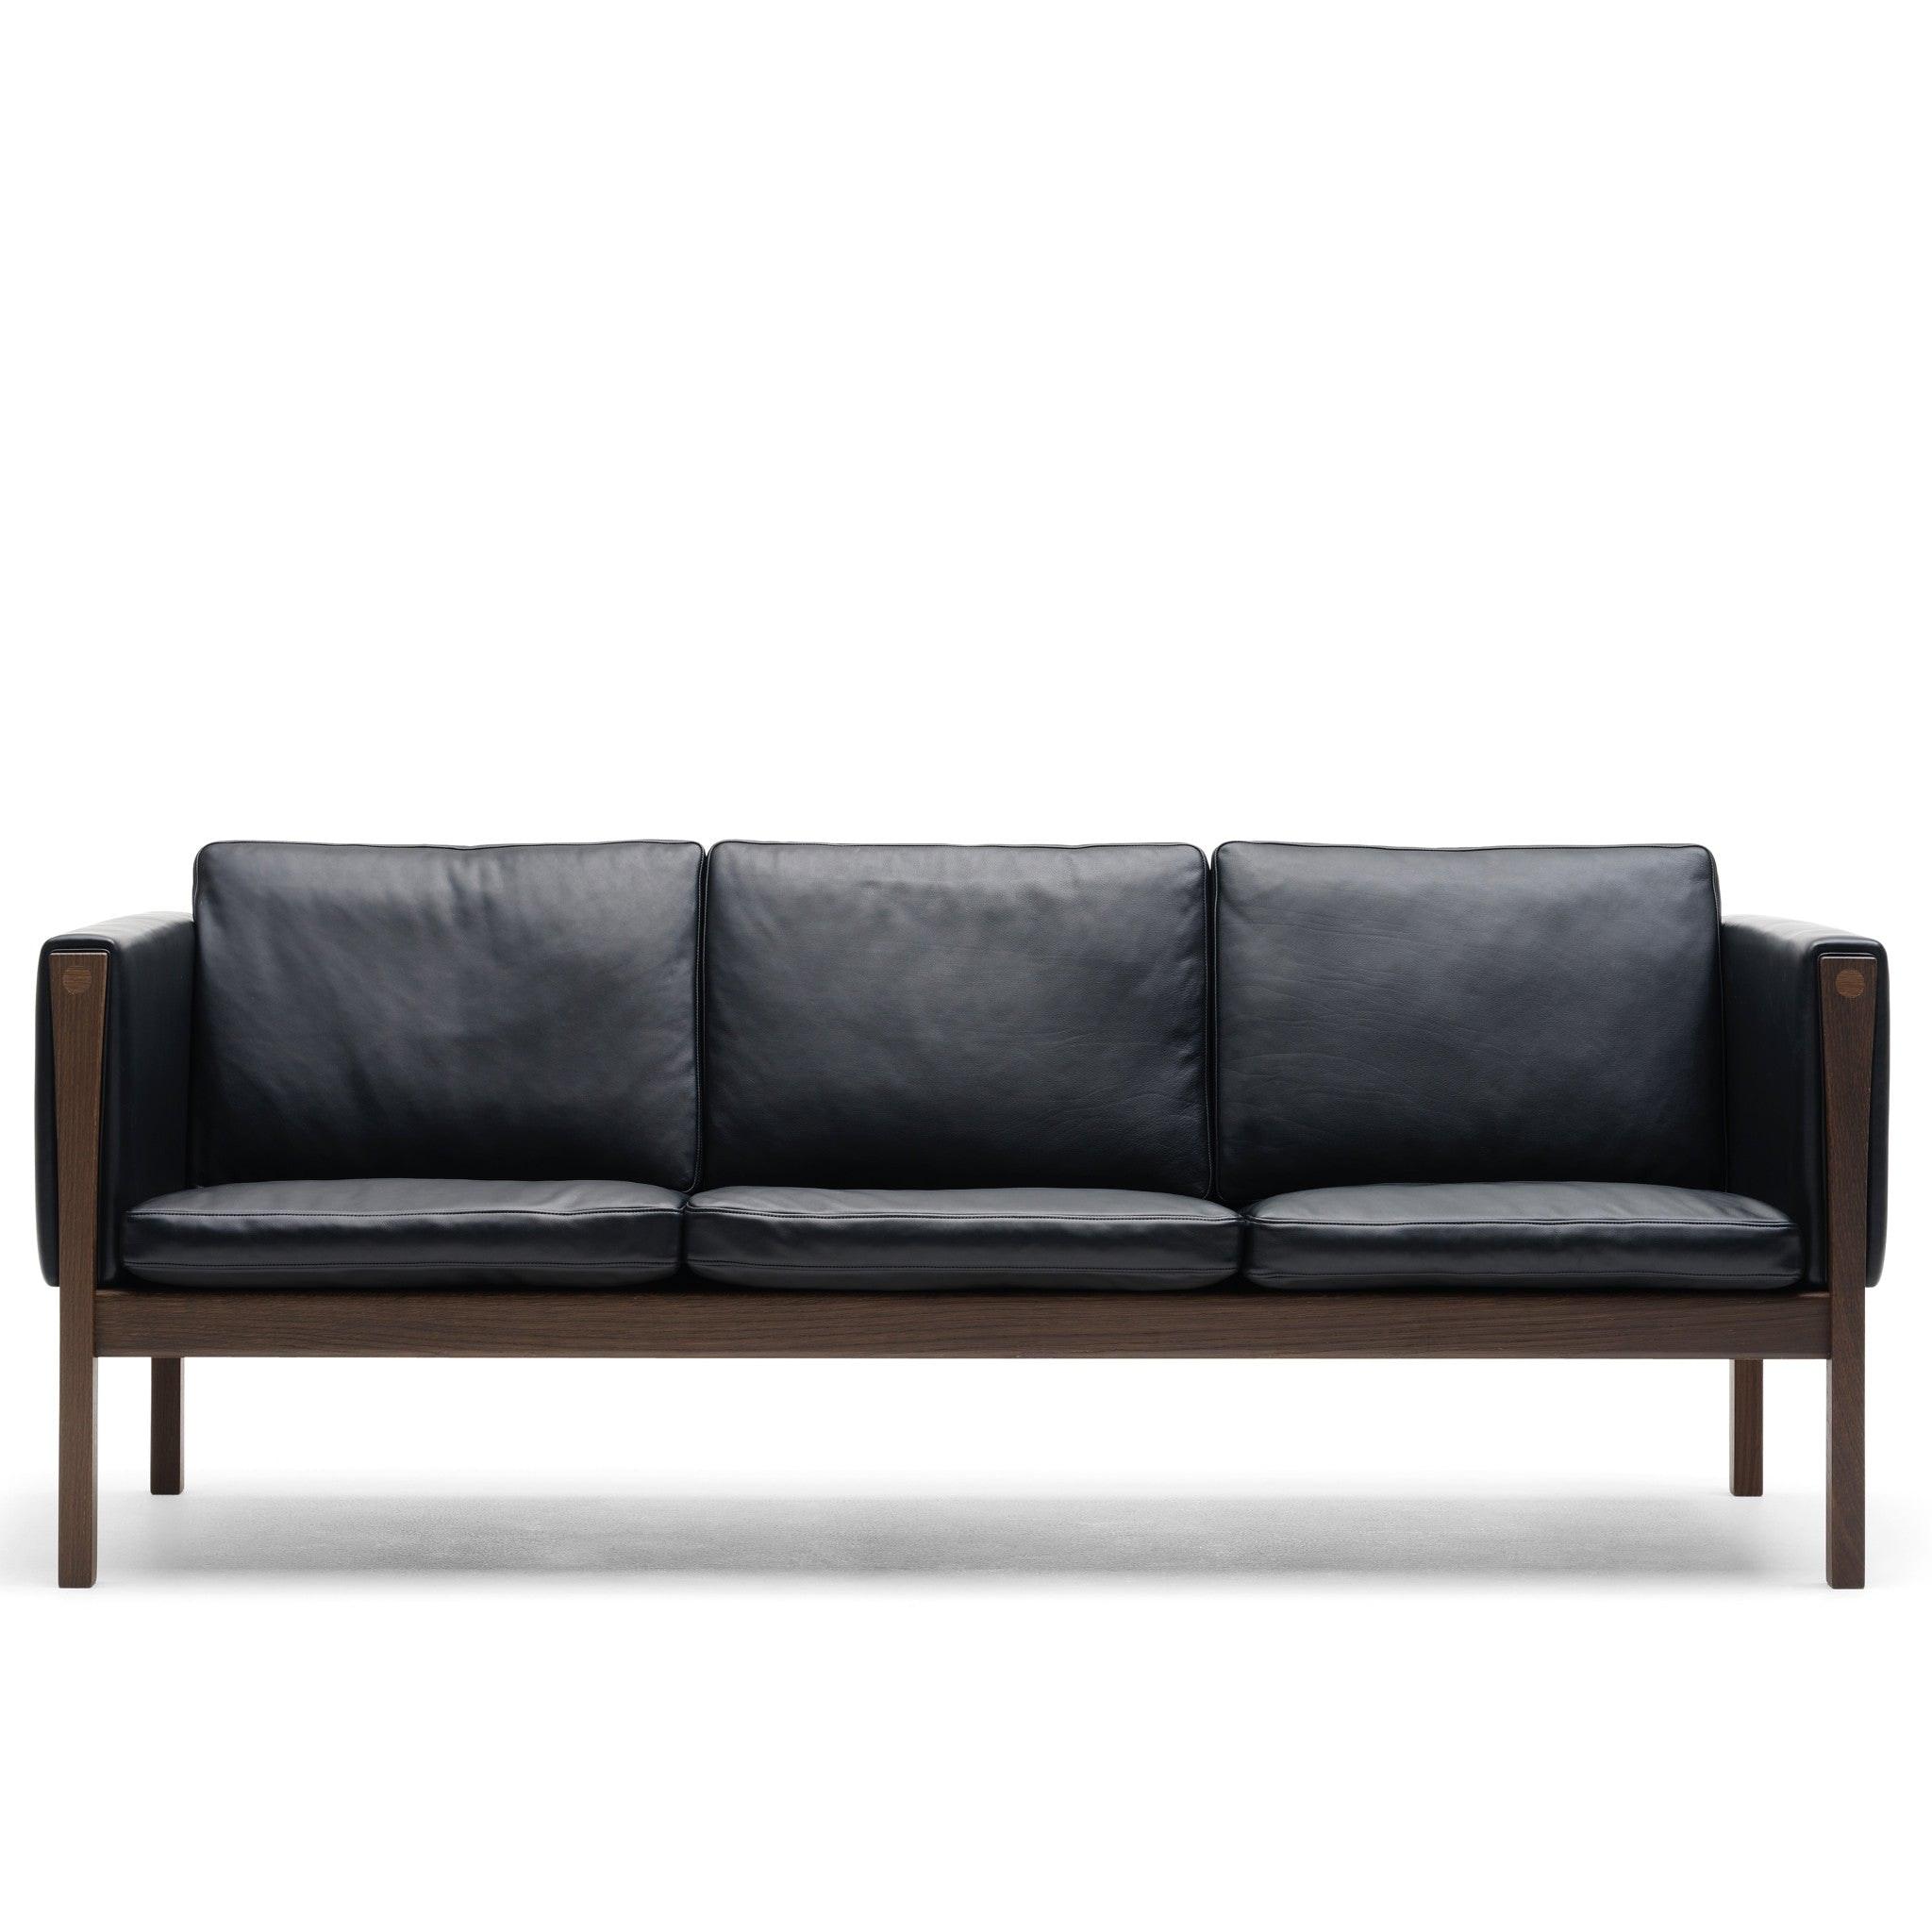 Ch163 Sofa By Carl Hansen Søn